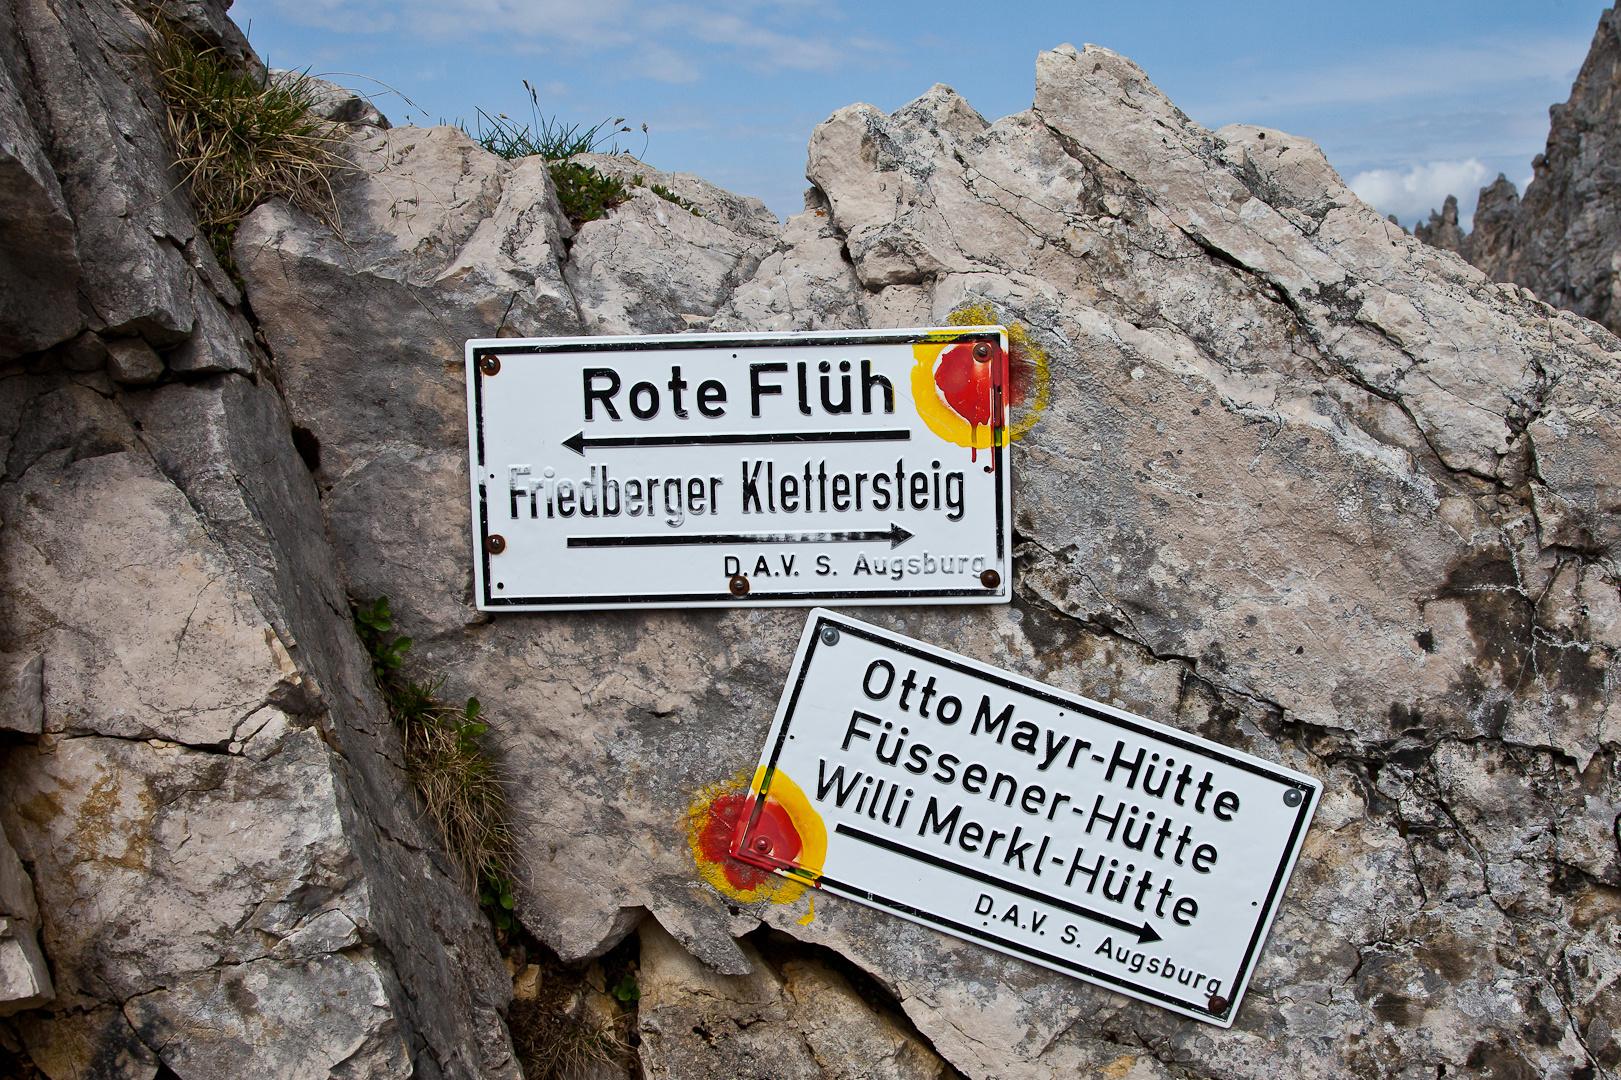 Friedberger Klettersteig : Rote flüh und friedberger klettersteig foto & bild landschaft